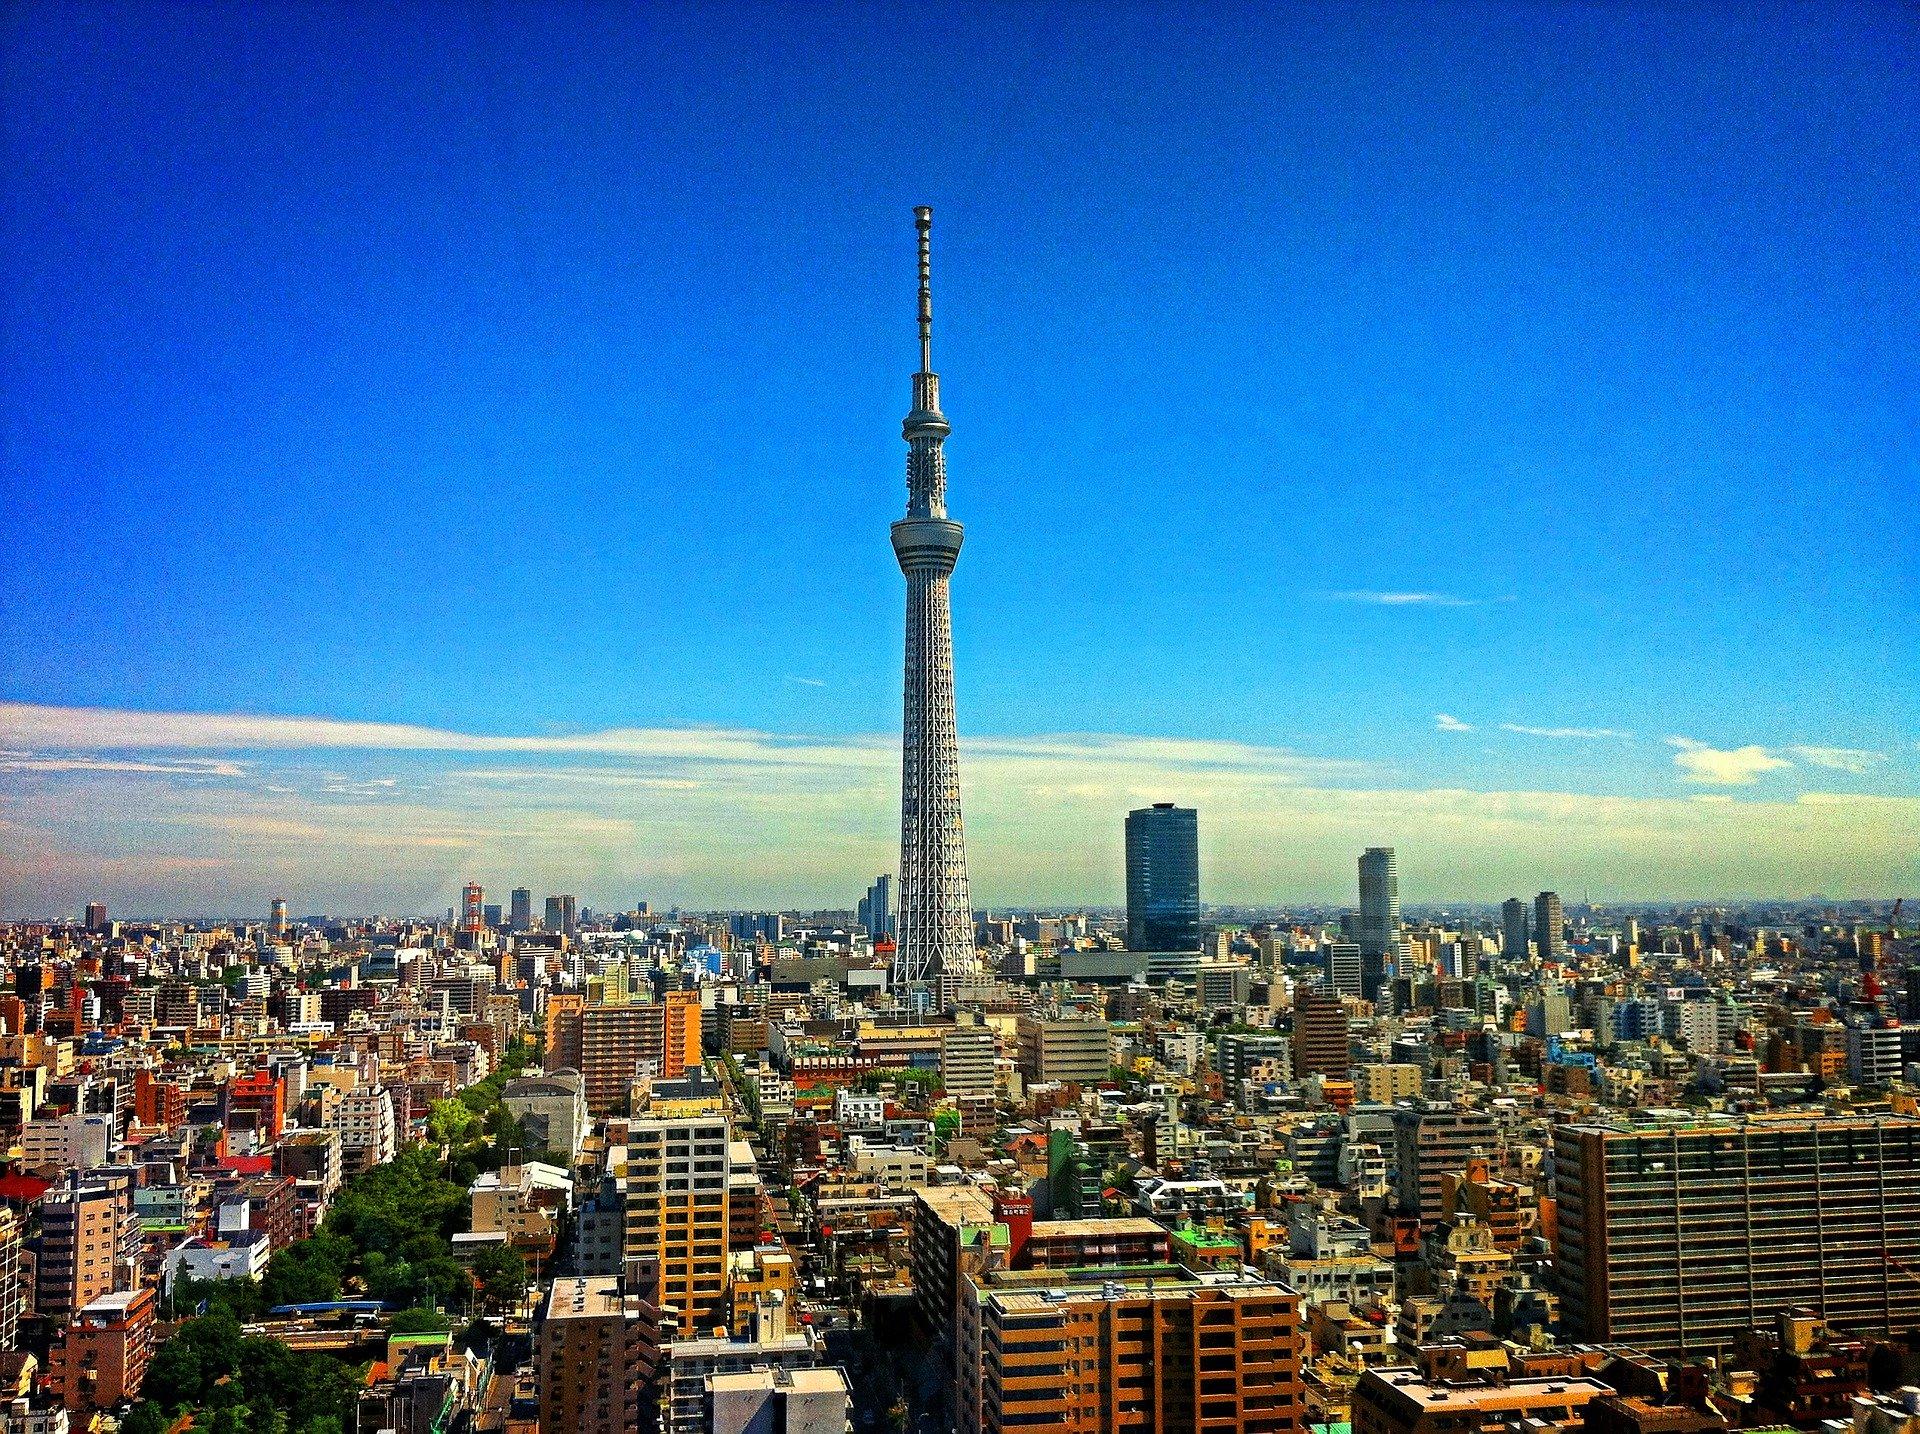 上京したいけど不安!?部屋探しや費用は?東京に住むその意味などを考察!【前編】